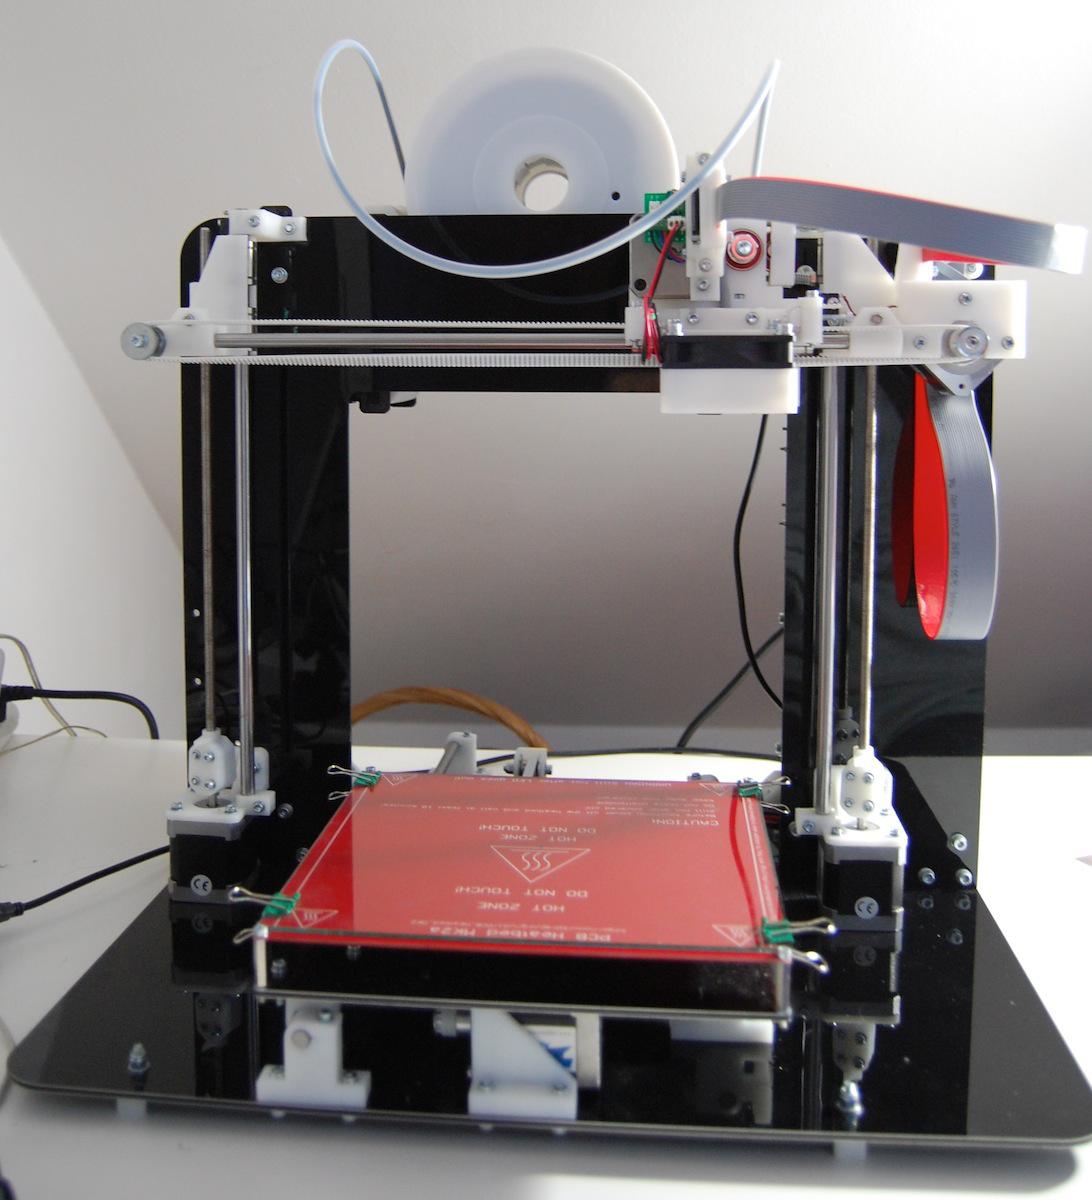 soir e sp ciale imprimante 3d au techlab prusa mendel 90. Black Bedroom Furniture Sets. Home Design Ideas